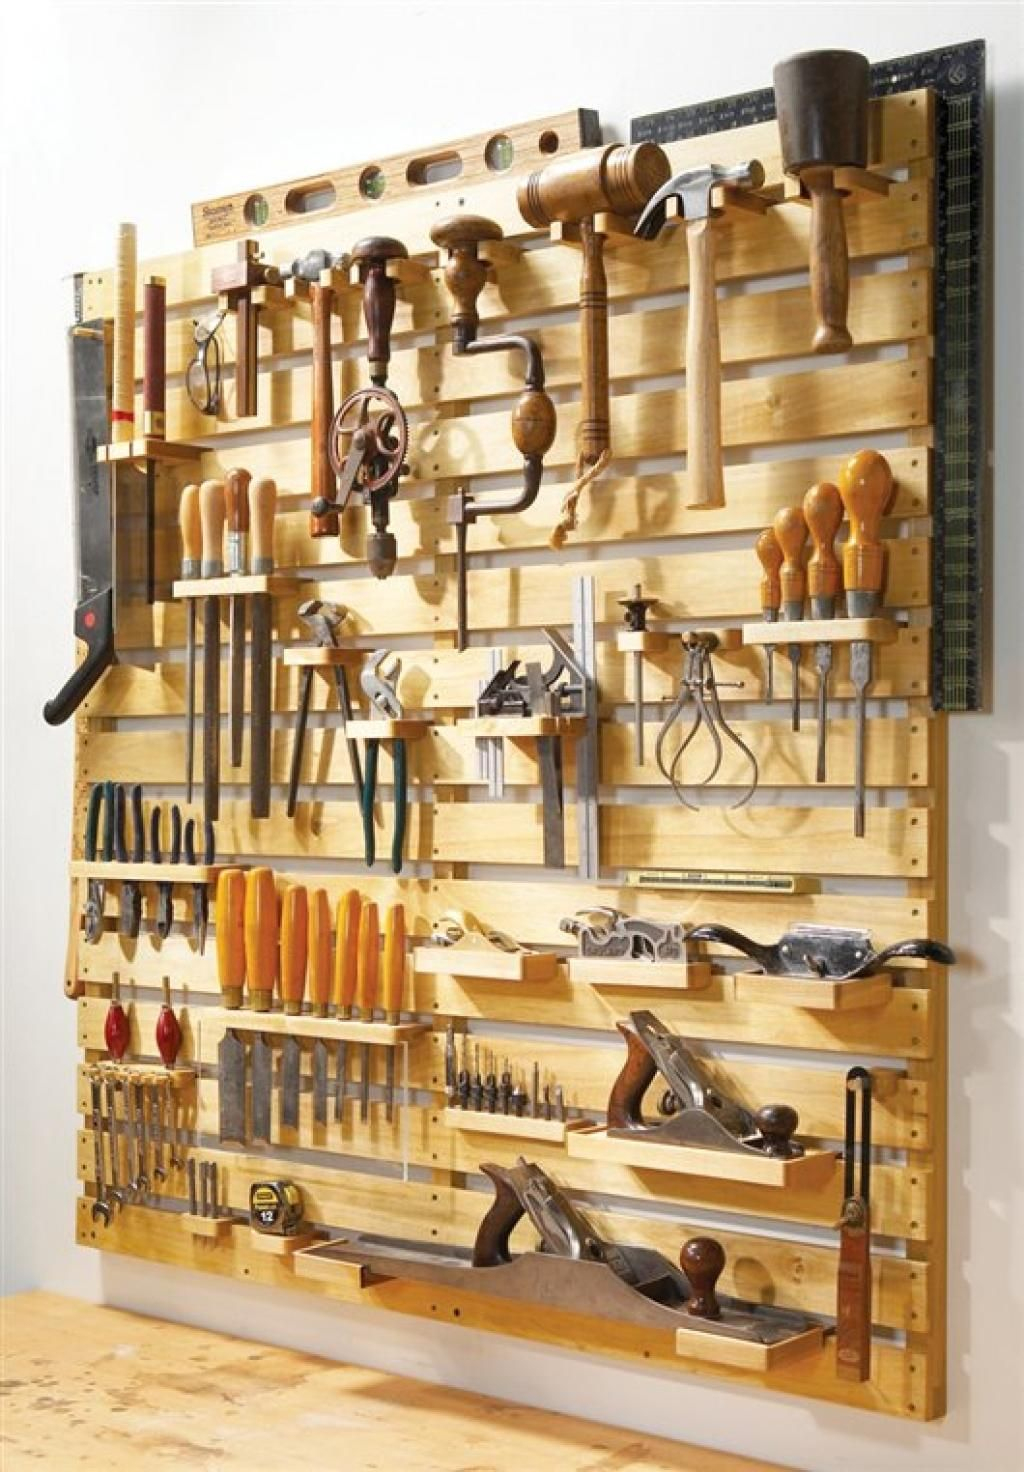 Un Support Mural Pour Vos Outils... À Faire Rêver Ces Beaux ... serapportantà Rangement Outil De Jardin